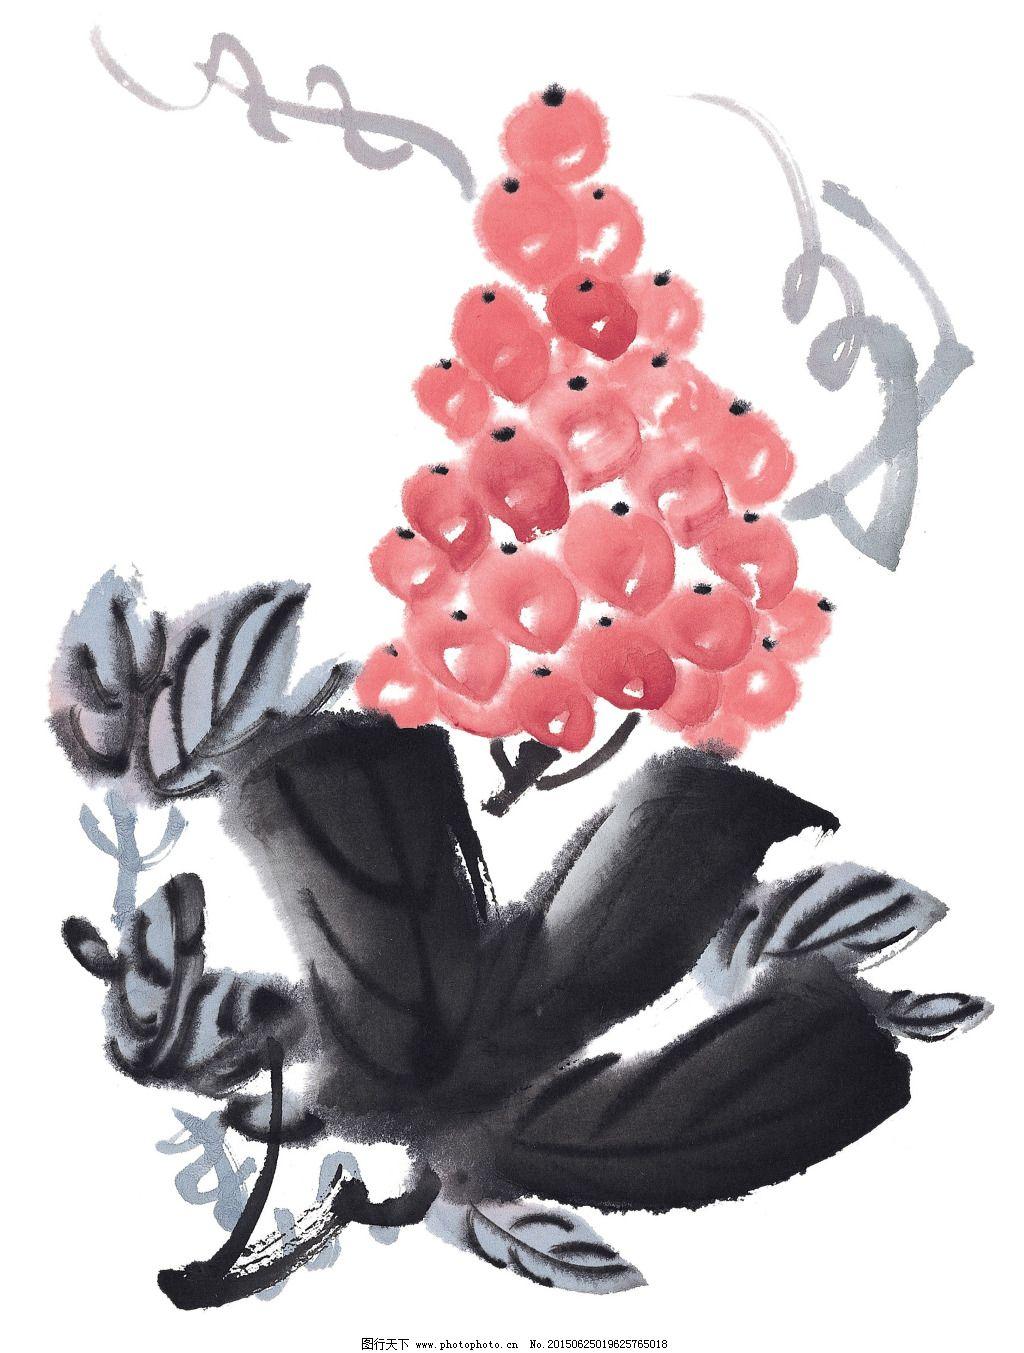 葡萄工笔画免费下载 300DPI 工笔画 国画 葡萄 水墨 水墨风格 水墨风景 水墨画 写意 植物 葡萄 中国画 水墨 植物 写意 300dpi 水墨画 国画 中国山水画 水墨风格 水墨风景 工笔画 图片素材 文化艺术